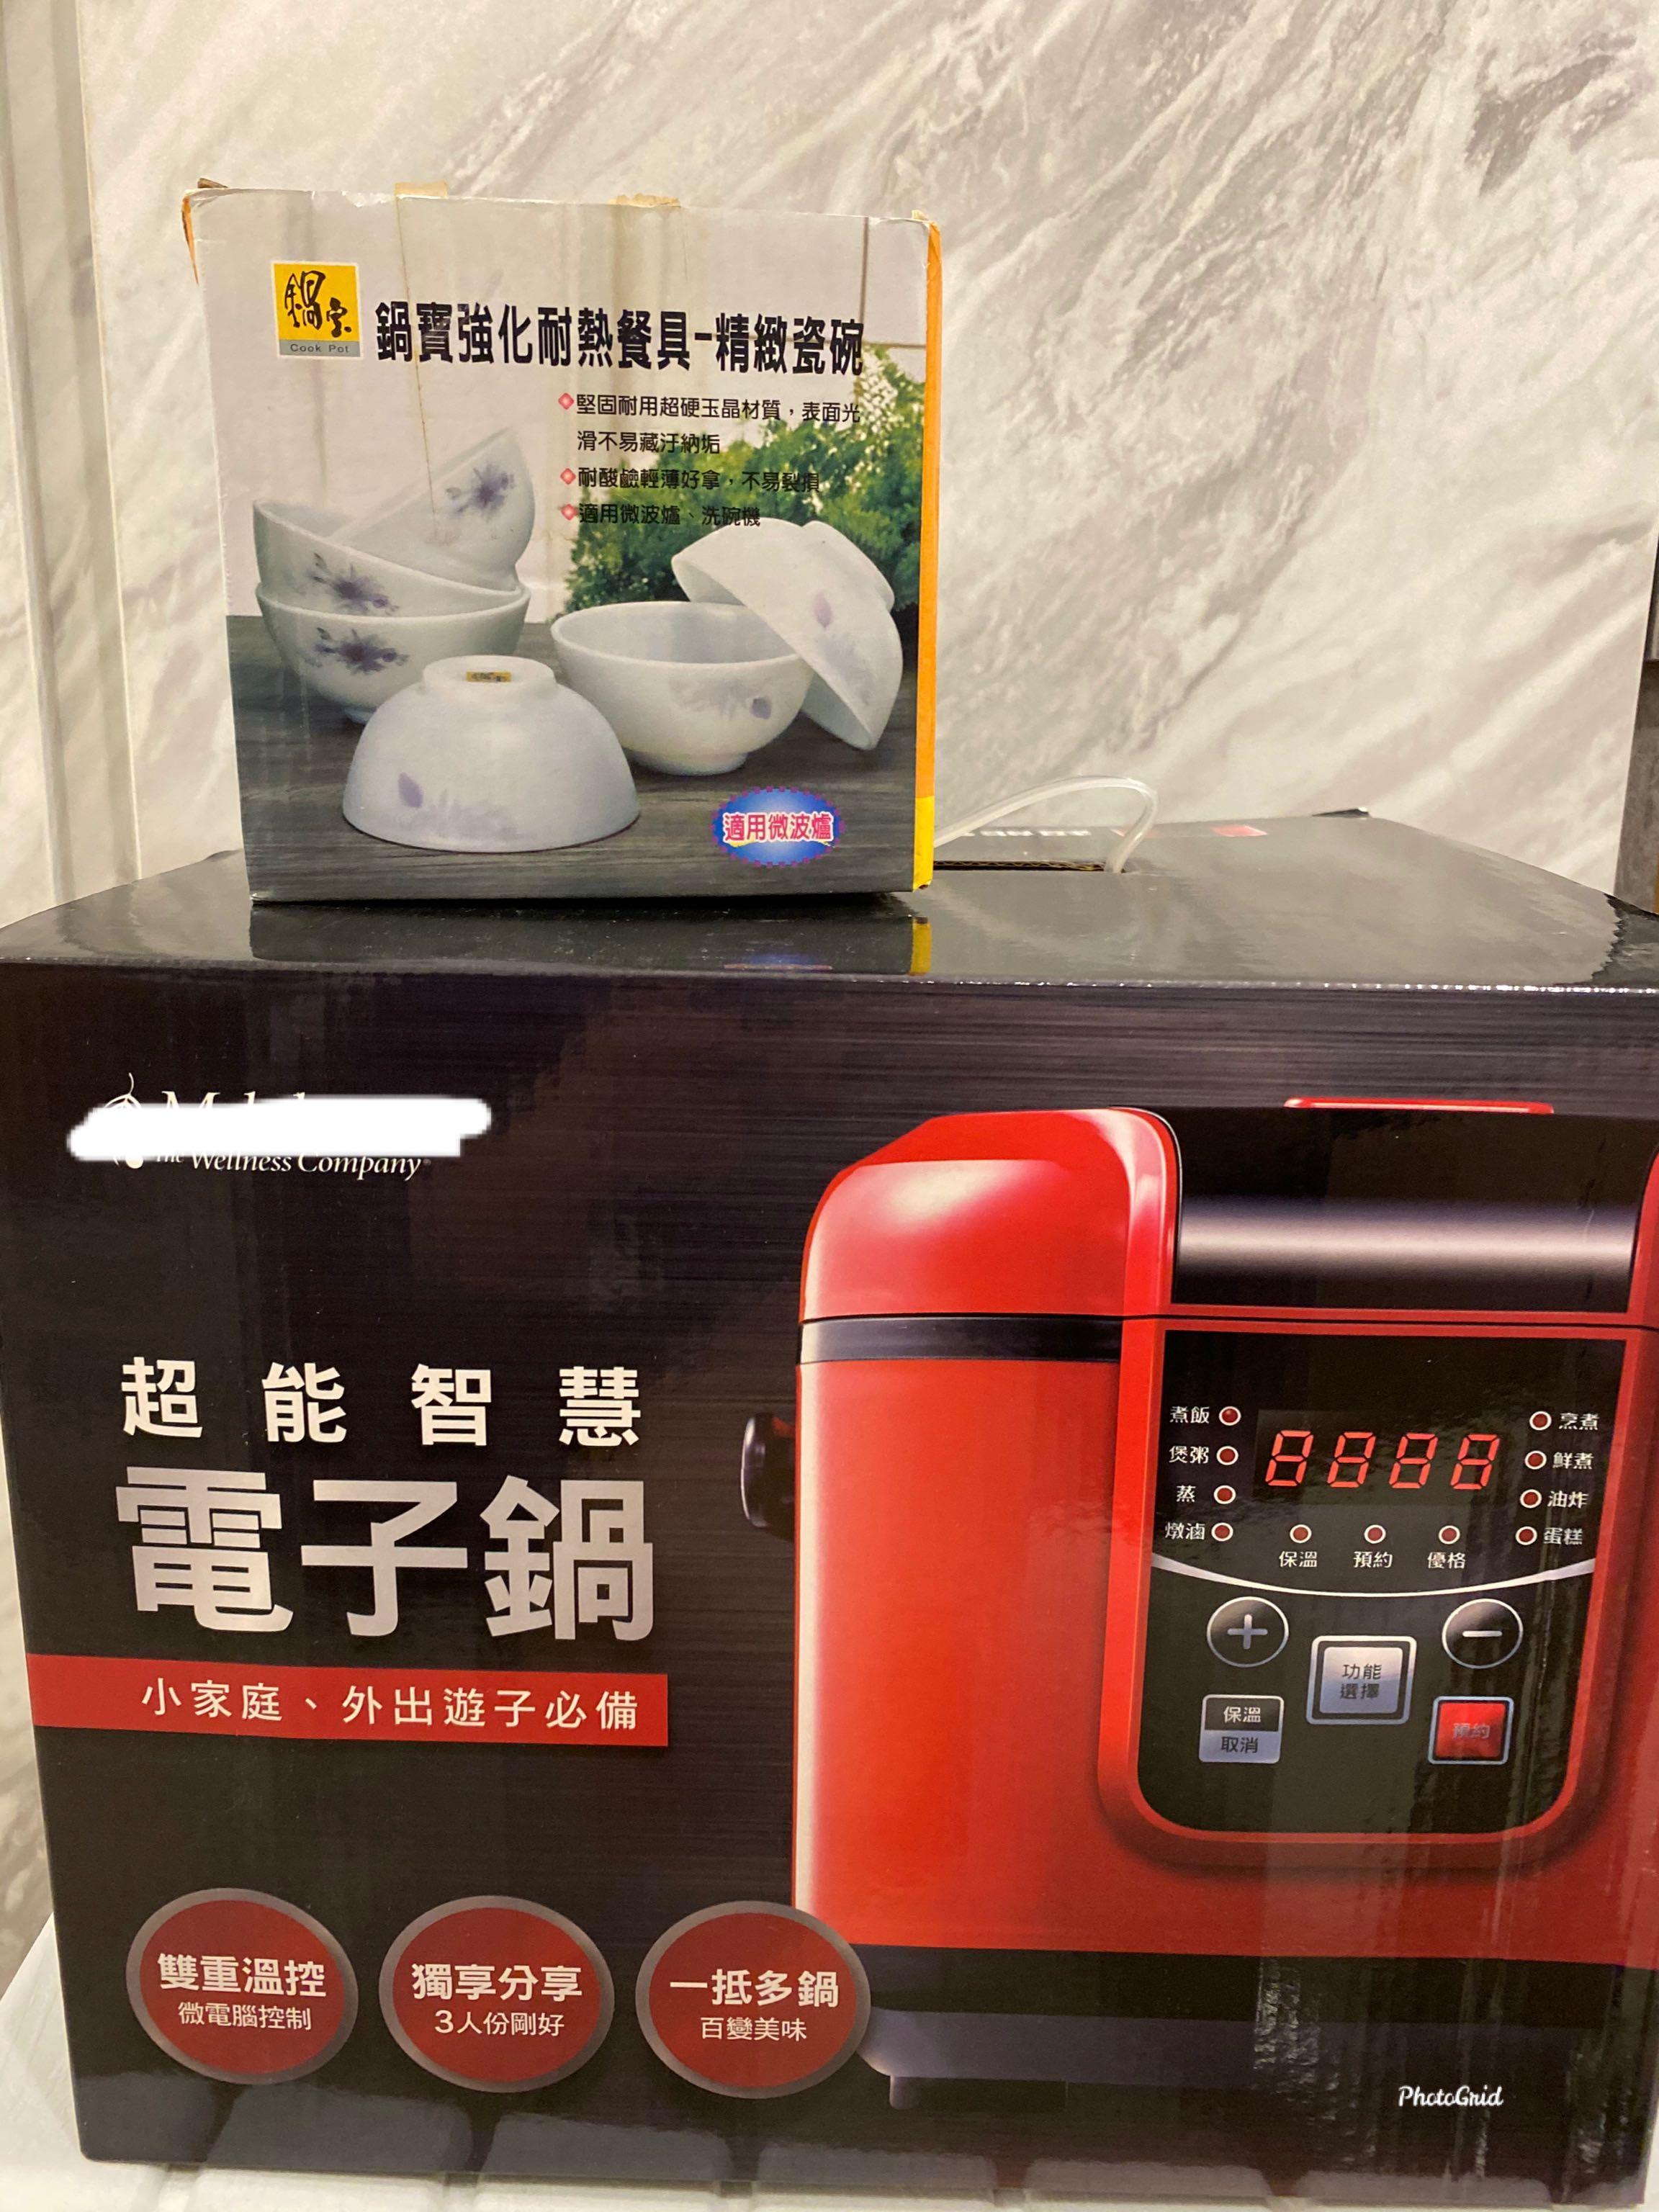 [全新]超能智慧電子鍋 贈鍋寶耐熱瓷碗組‼️